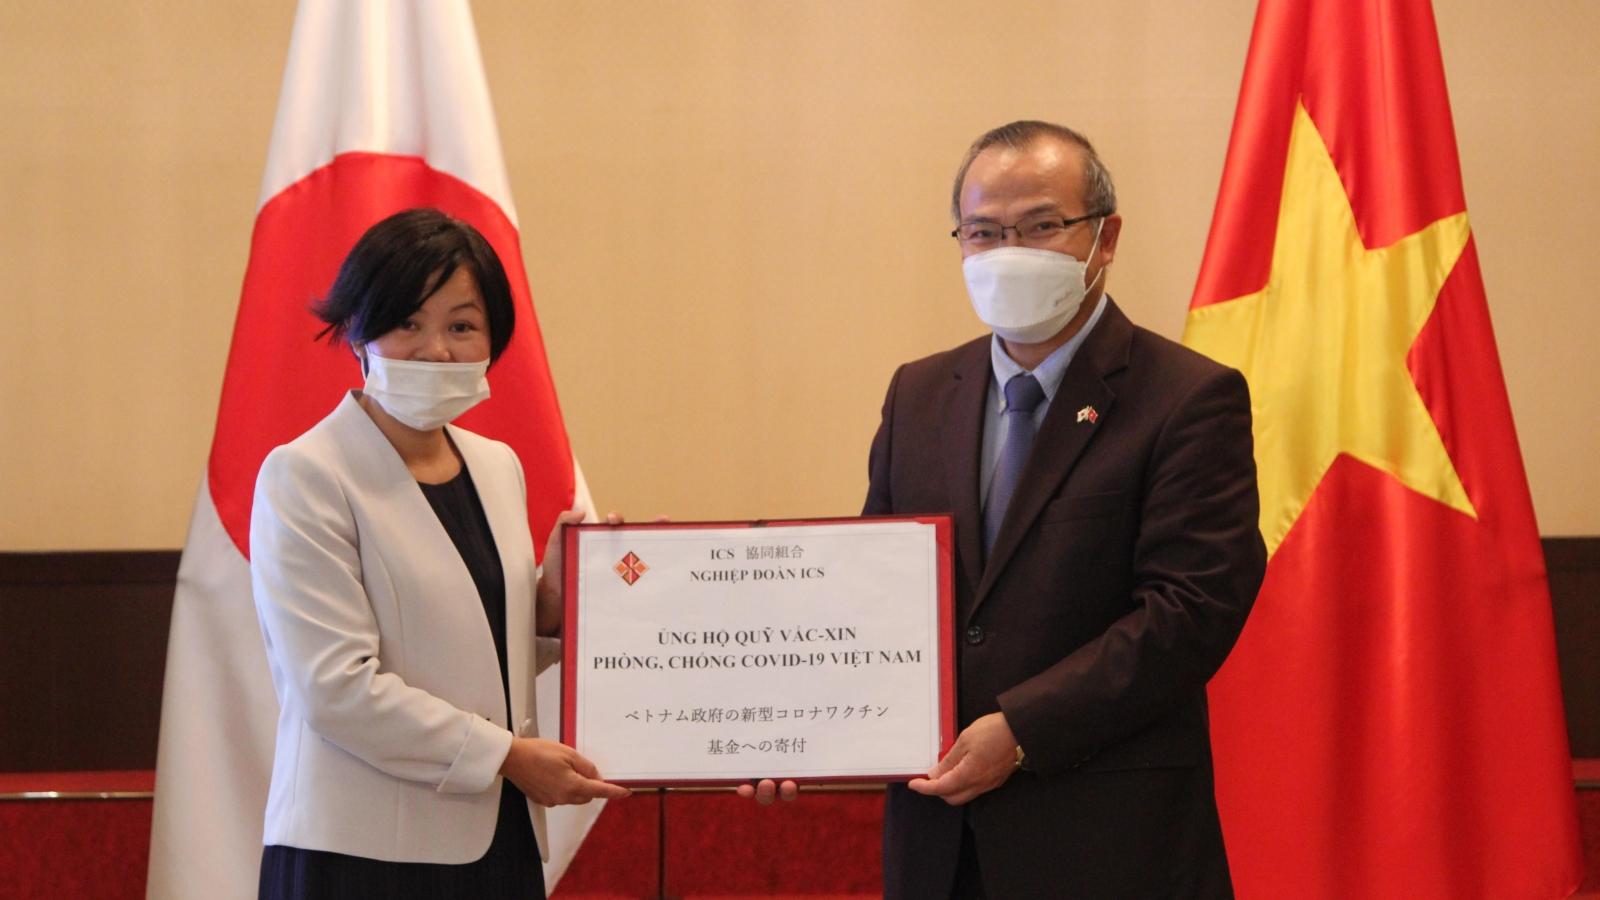 Nhật Bản ủng hộ Quỹ vaccine phòng chống Covid-19 của Việt Nam